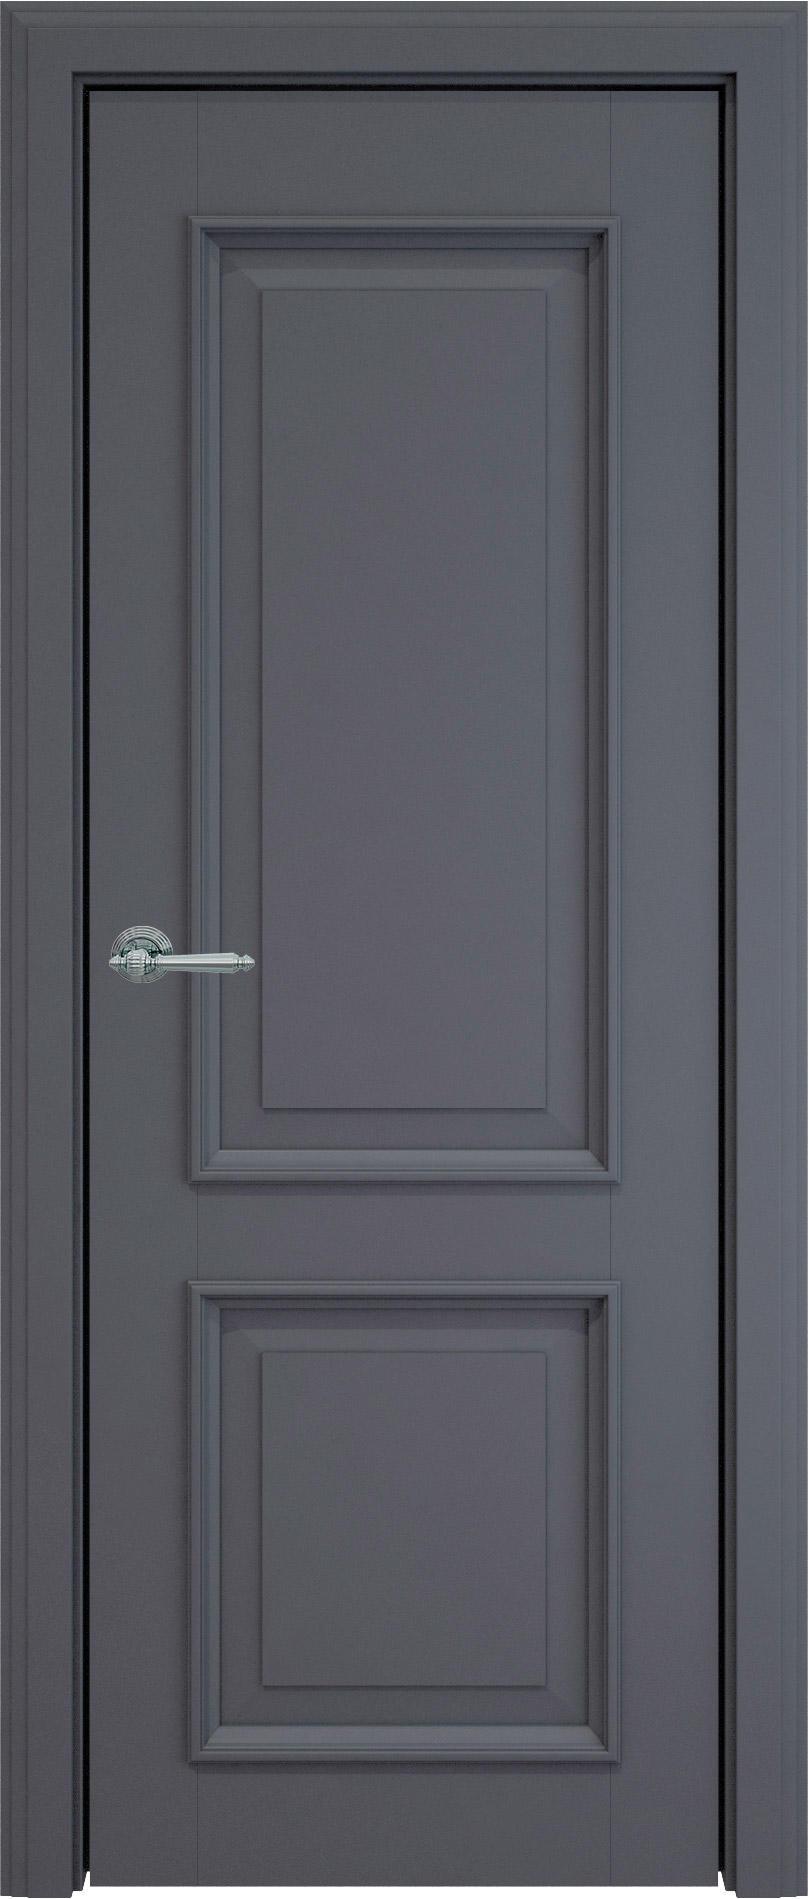 Dinastia LUX цвет - Графитово-серая эмаль (RAL 7024) Без стекла (ДГ)